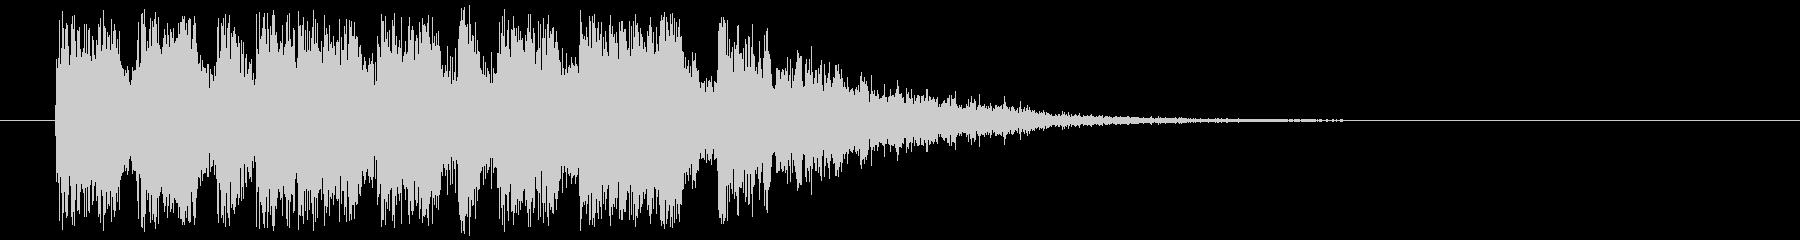 ジングル(重厚な場面転換)の未再生の波形